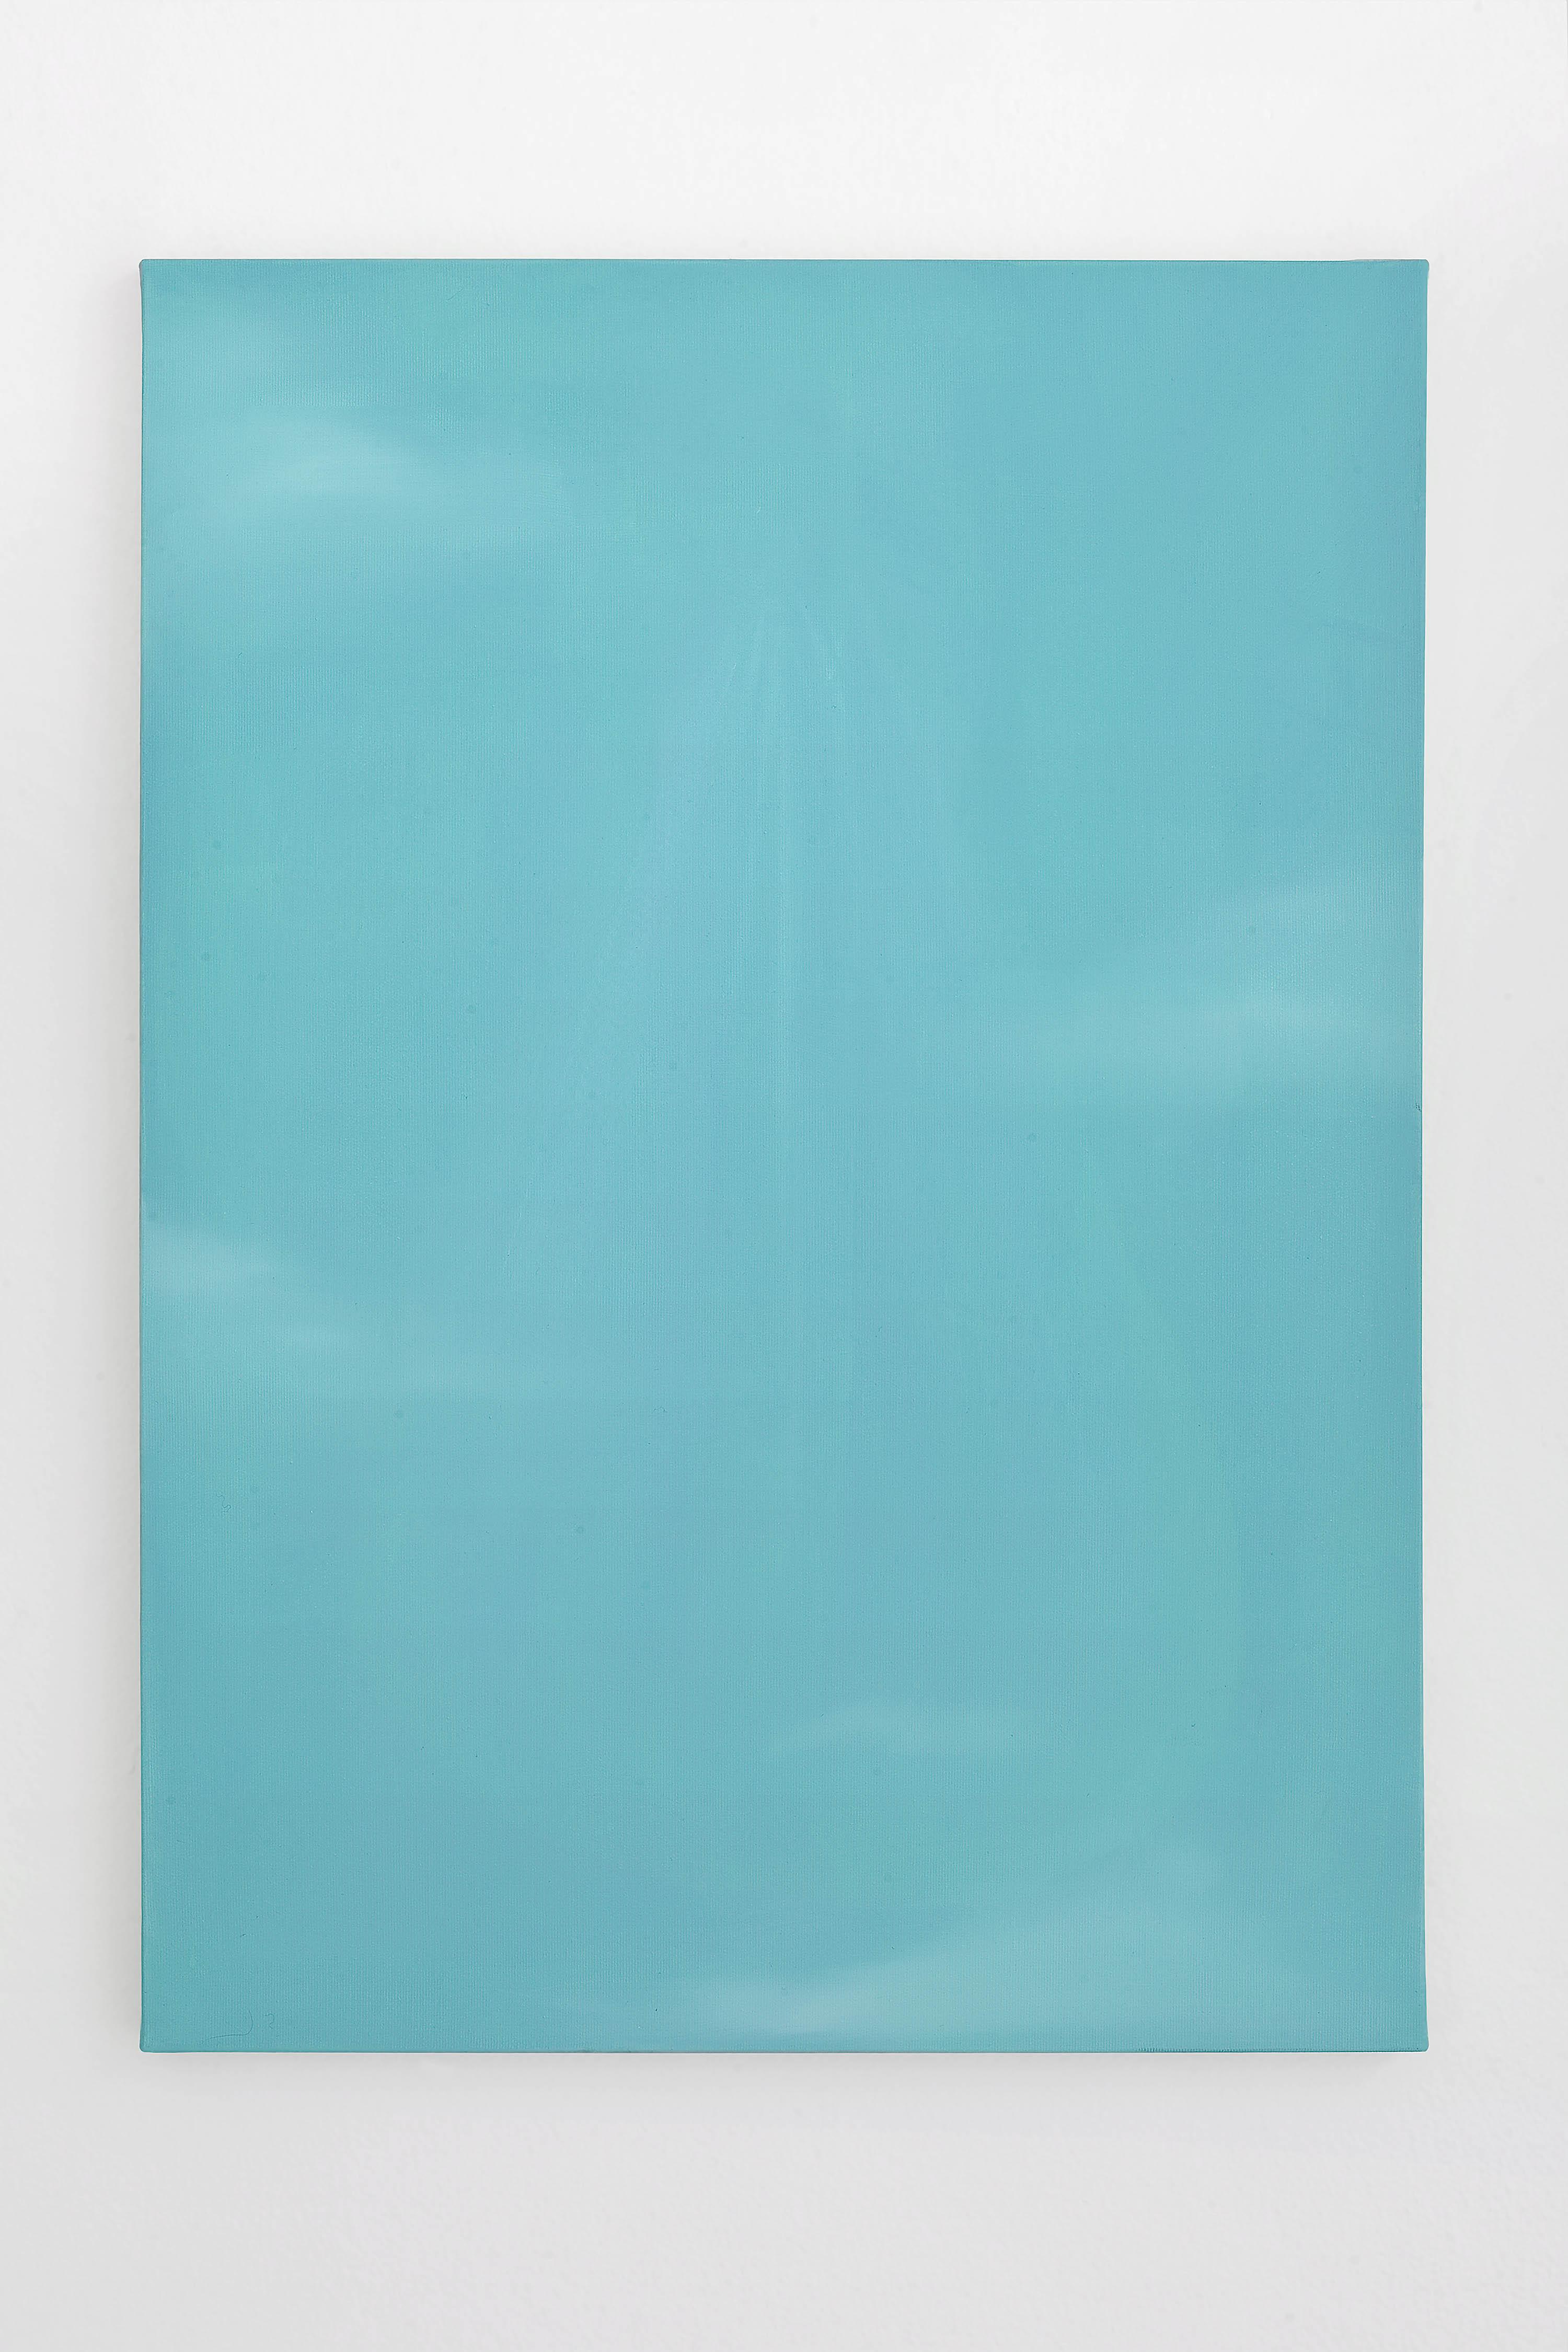 13 - Guendalina Cerruti at Studiolo Installation view 2015 - Courtesy Artist and Studiolo Milan copia